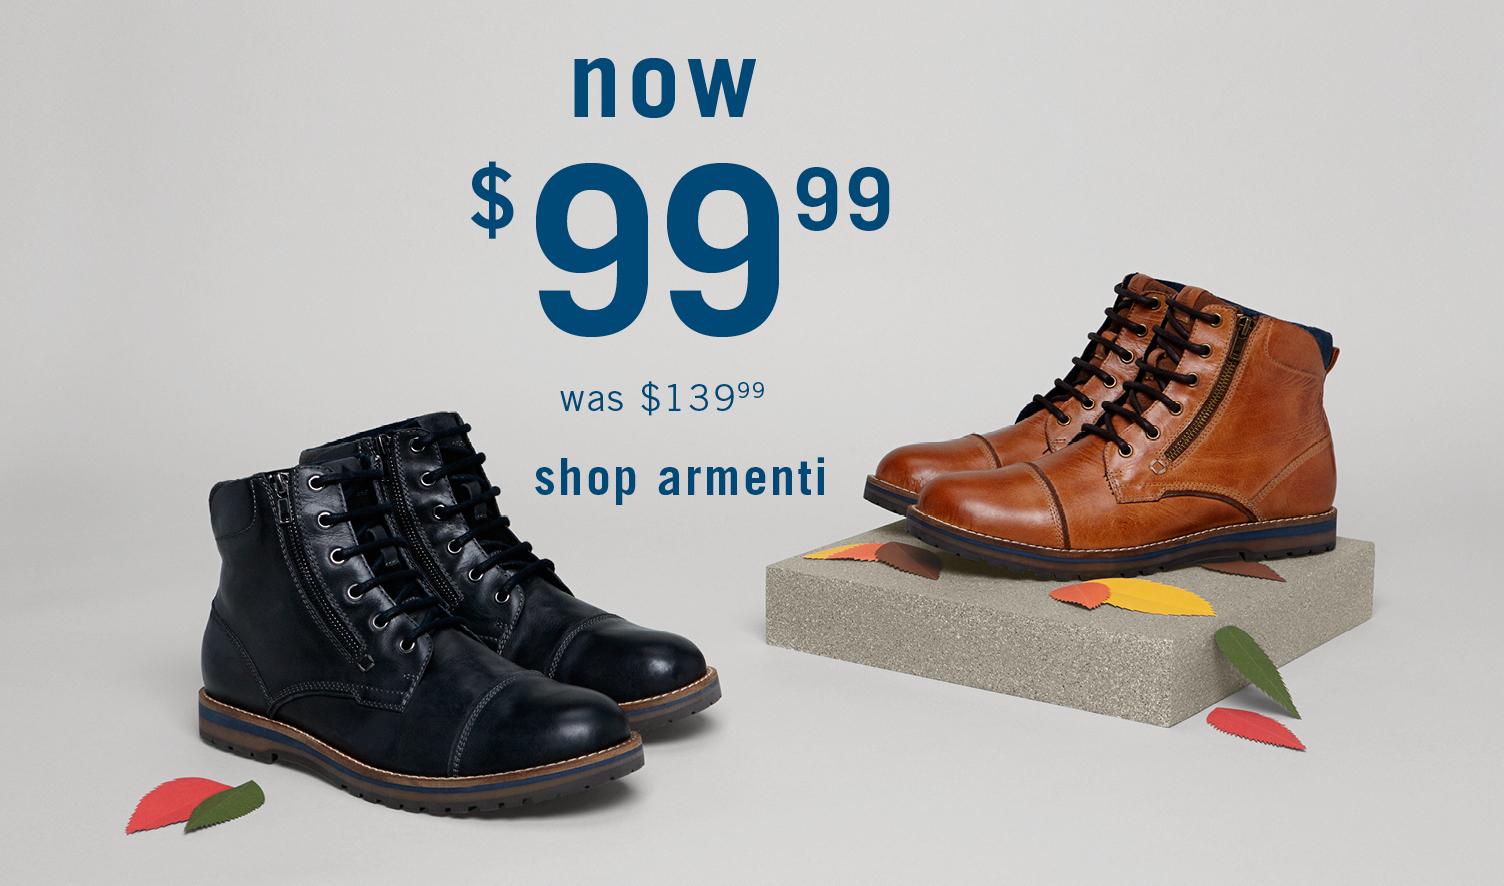 Shoe Sale Online - Shoes, Sandals & Boots   ALDOShoes.com